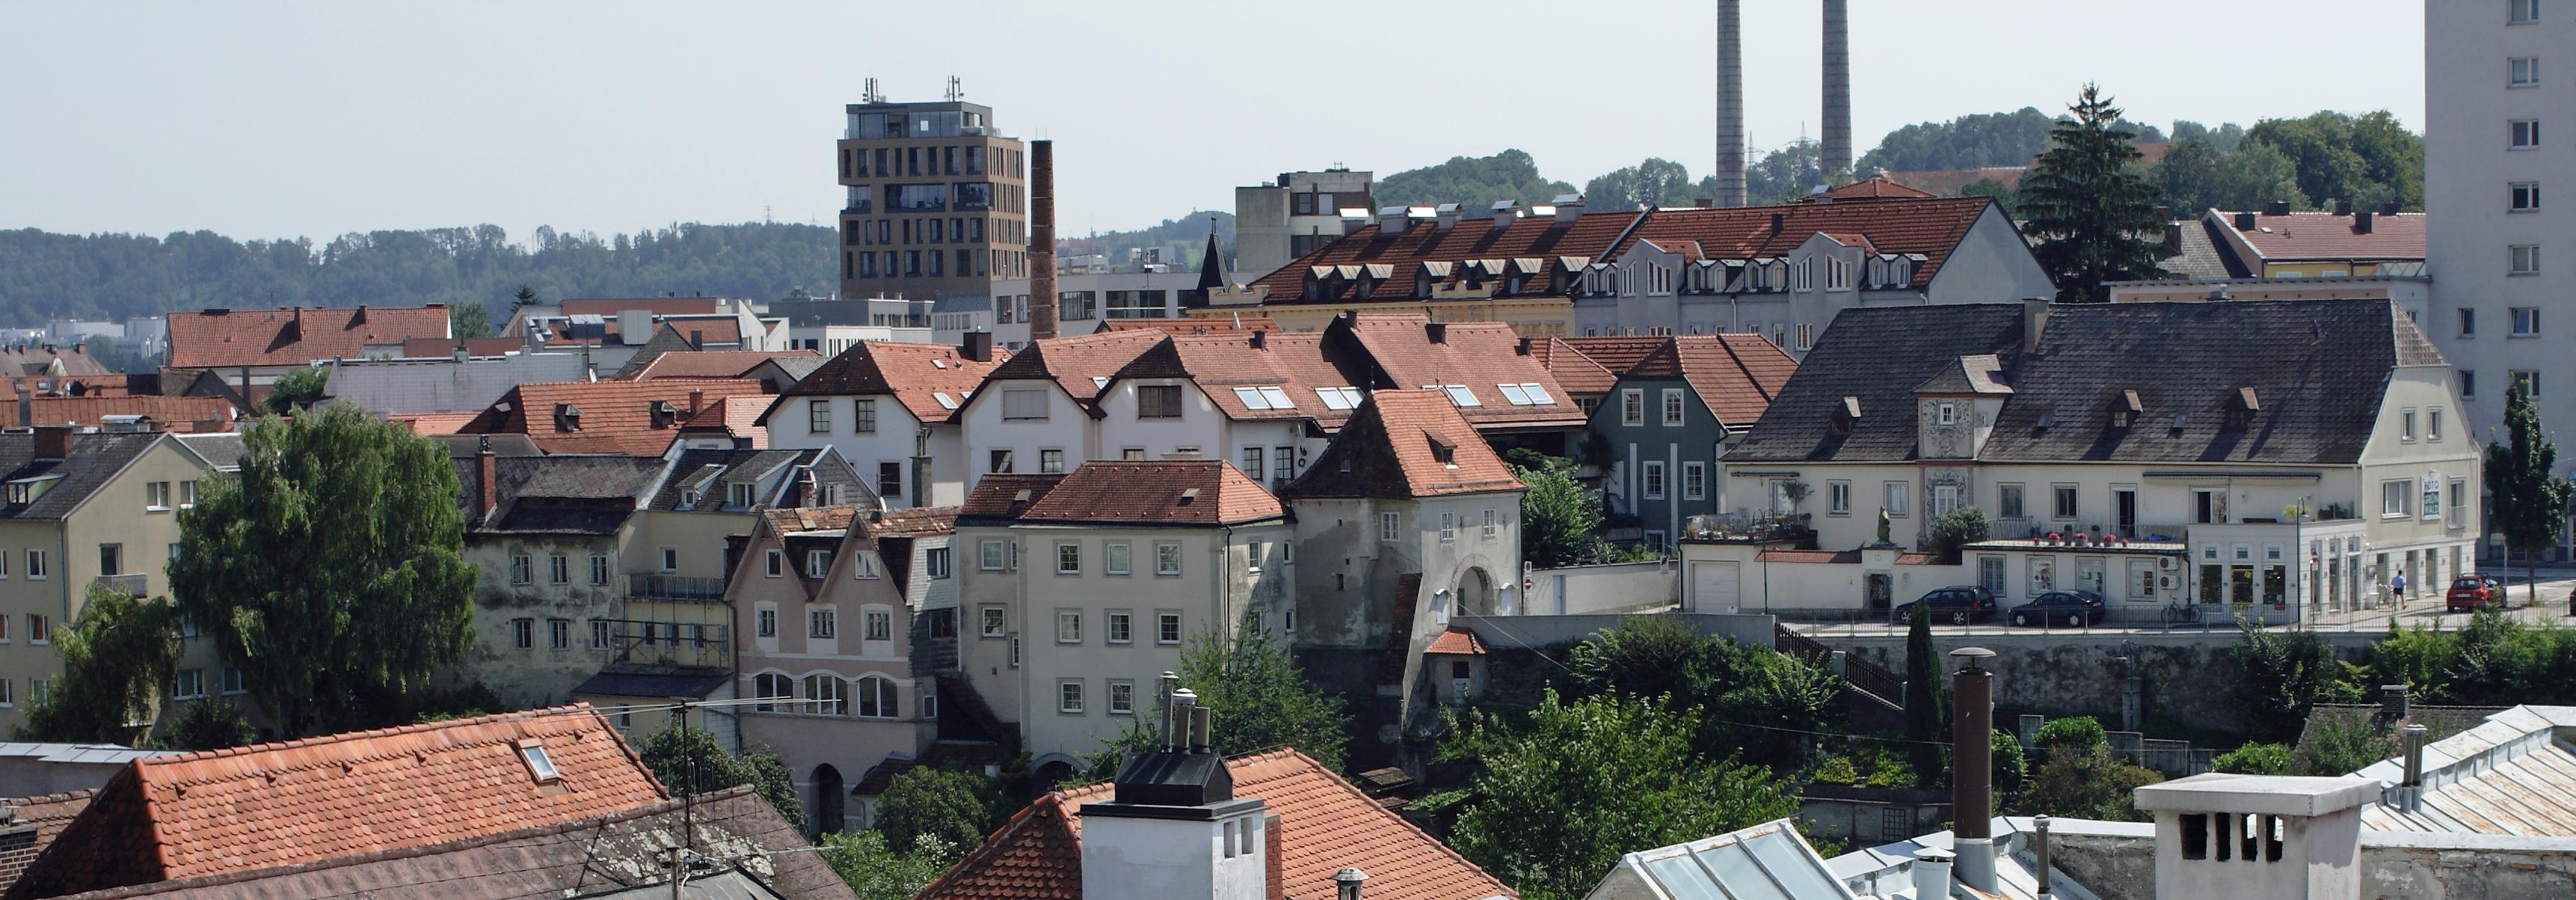 Blick auf den Stadtteil Ennsdorf